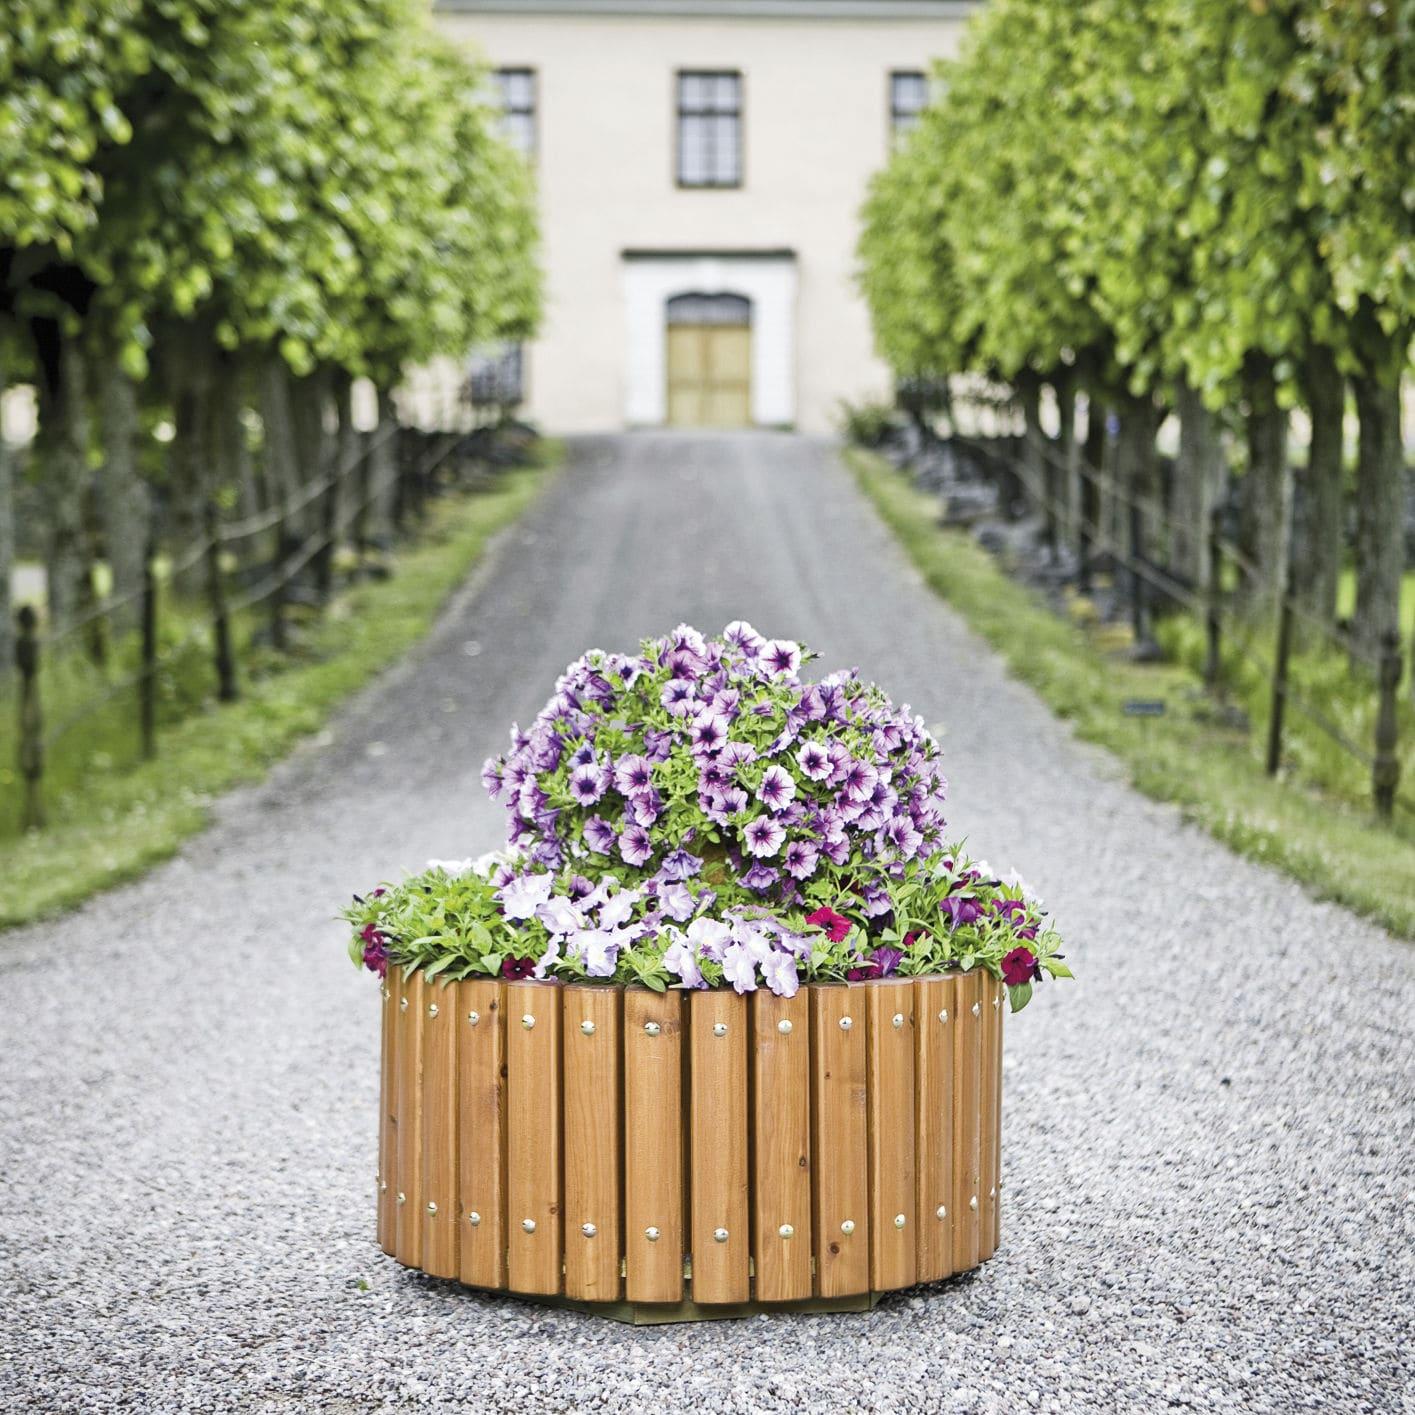 holz-pflanzkübel / rund / klassisch / für öffentliche bereiche